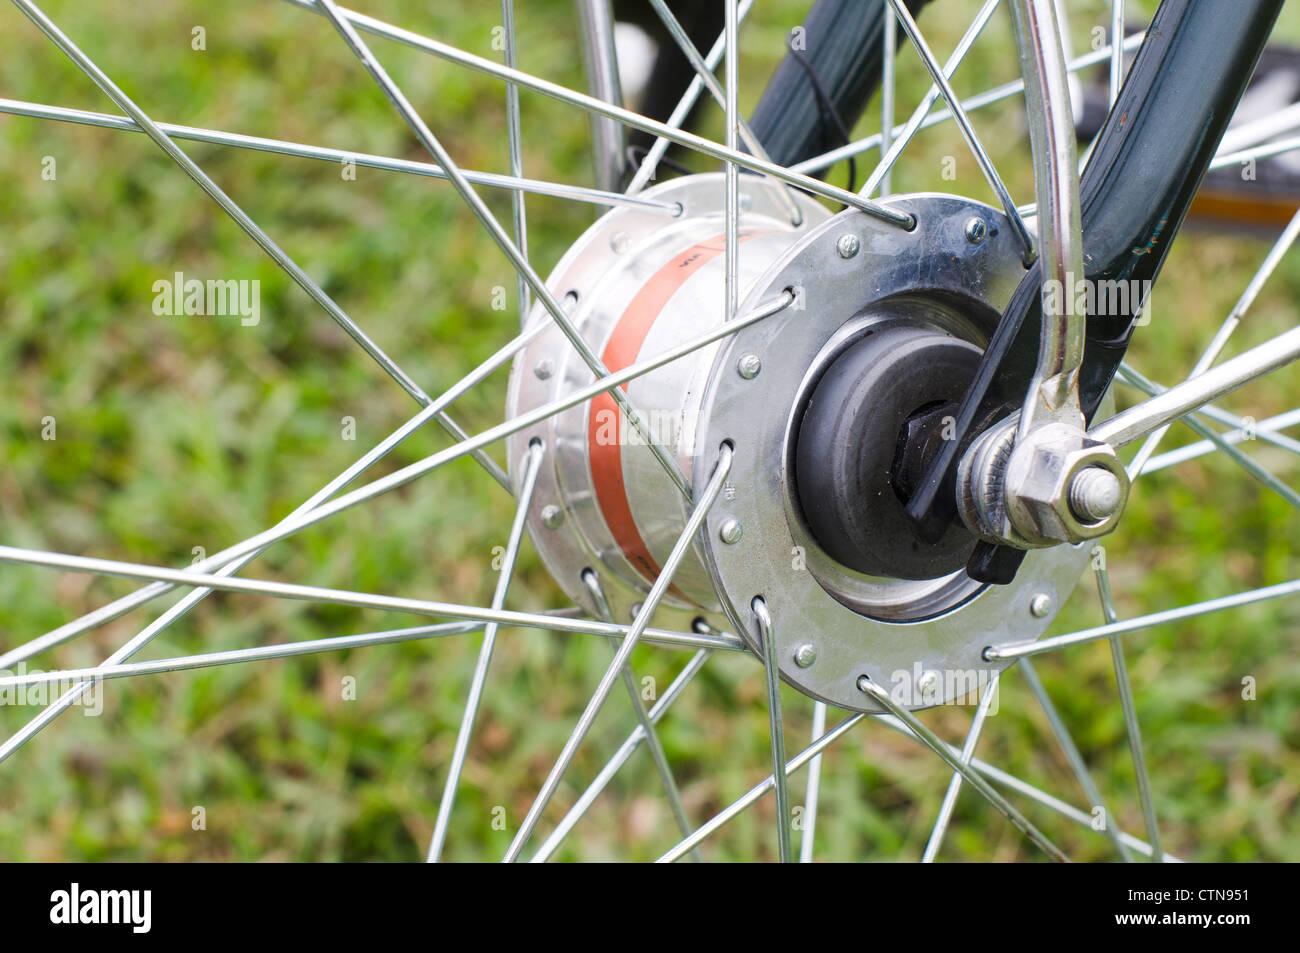 Chiudere l aspetto di una dinamo da mozzo di una bicicletta per